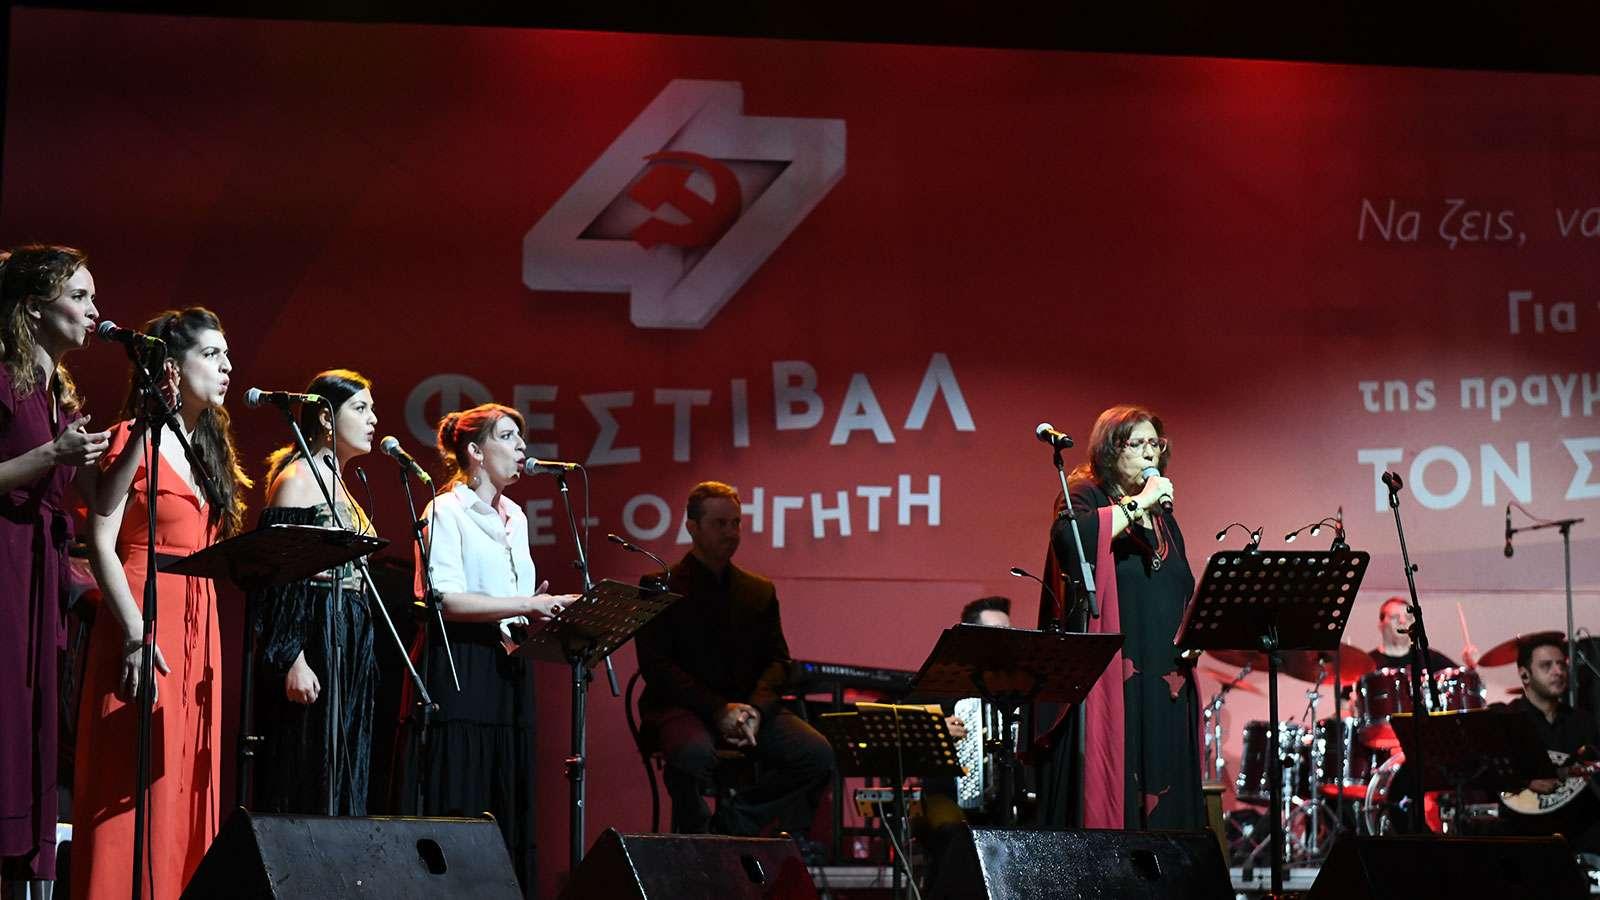 47ο φεστιβάλ ΚΝΕ Οδηγητή 3η μέρα Συναυλία Φαραντούρη